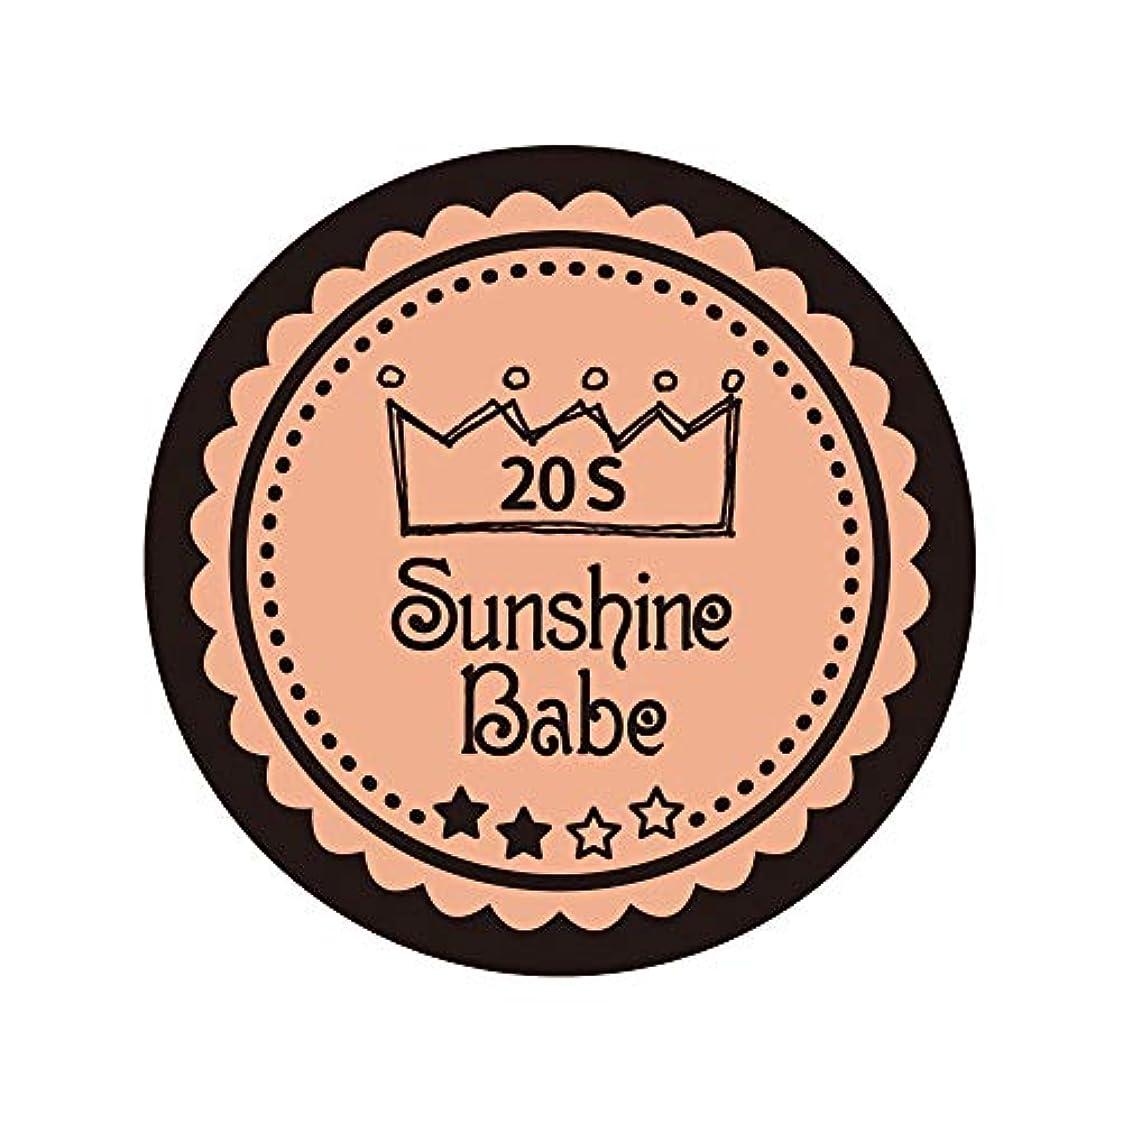 火星患者官僚Sunshine Babe カラージェル 20S ヌーディベージュ 2.7g UV/LED対応